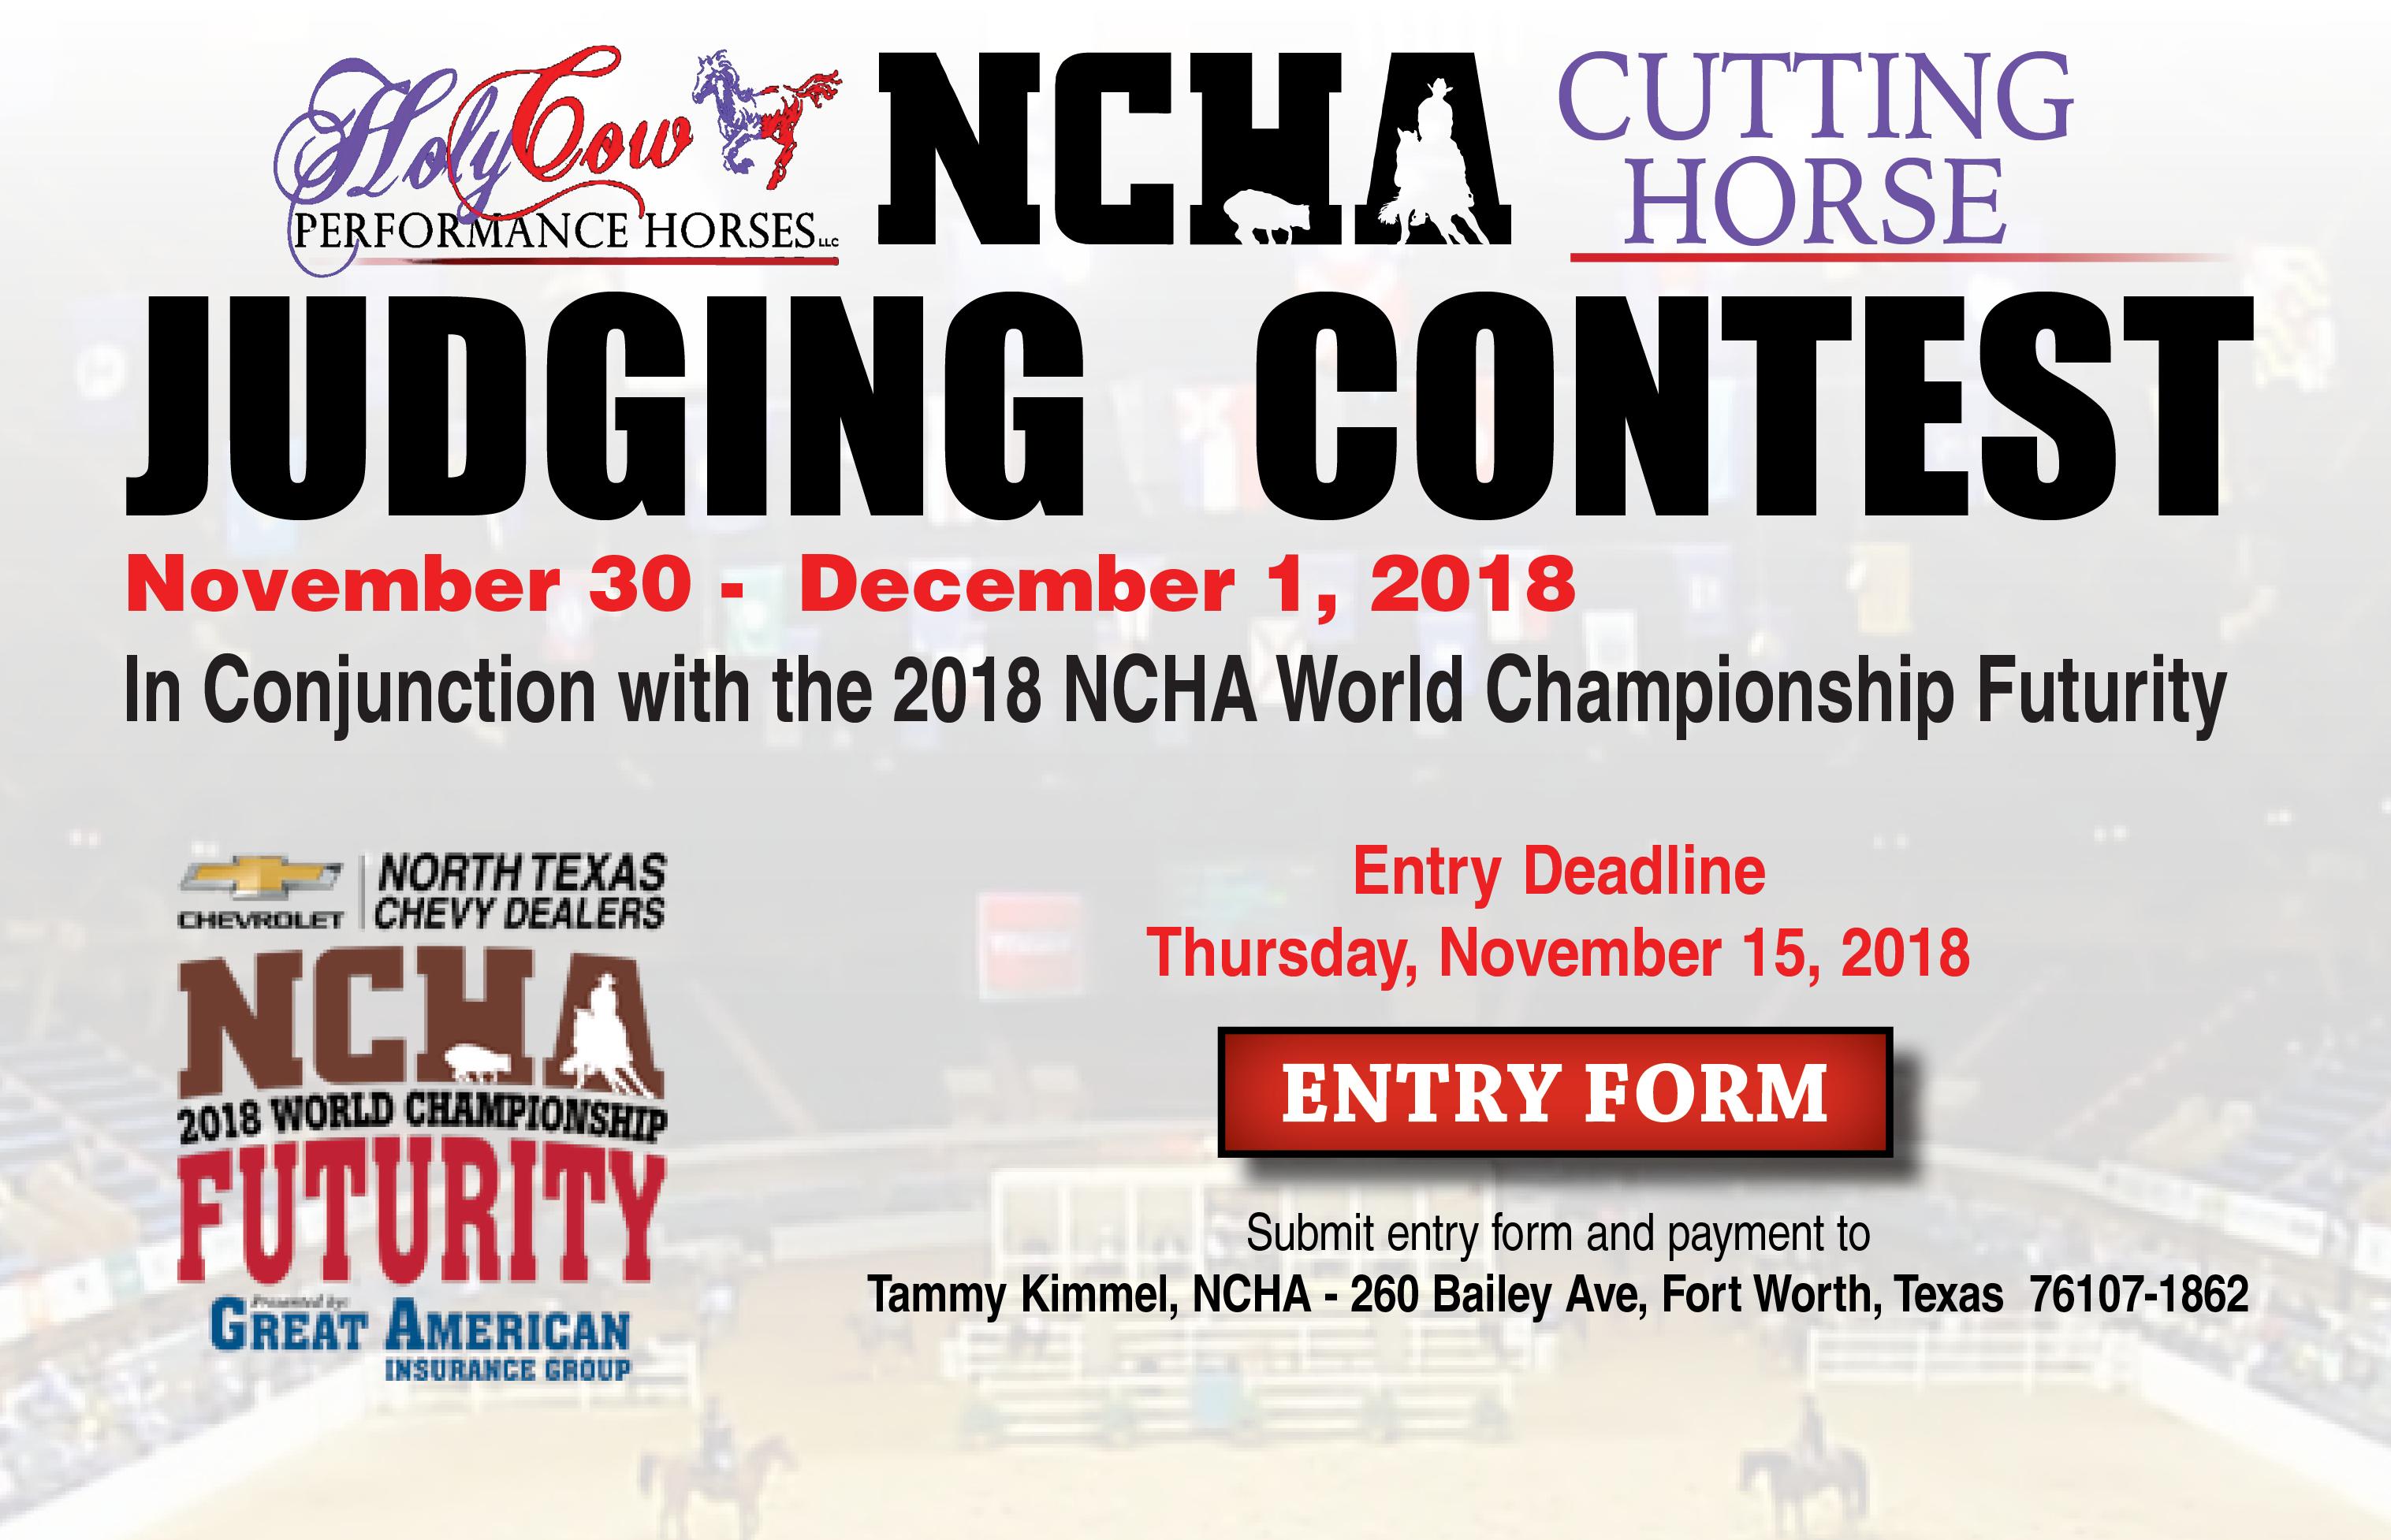 Judging Contest 2018 Carousel